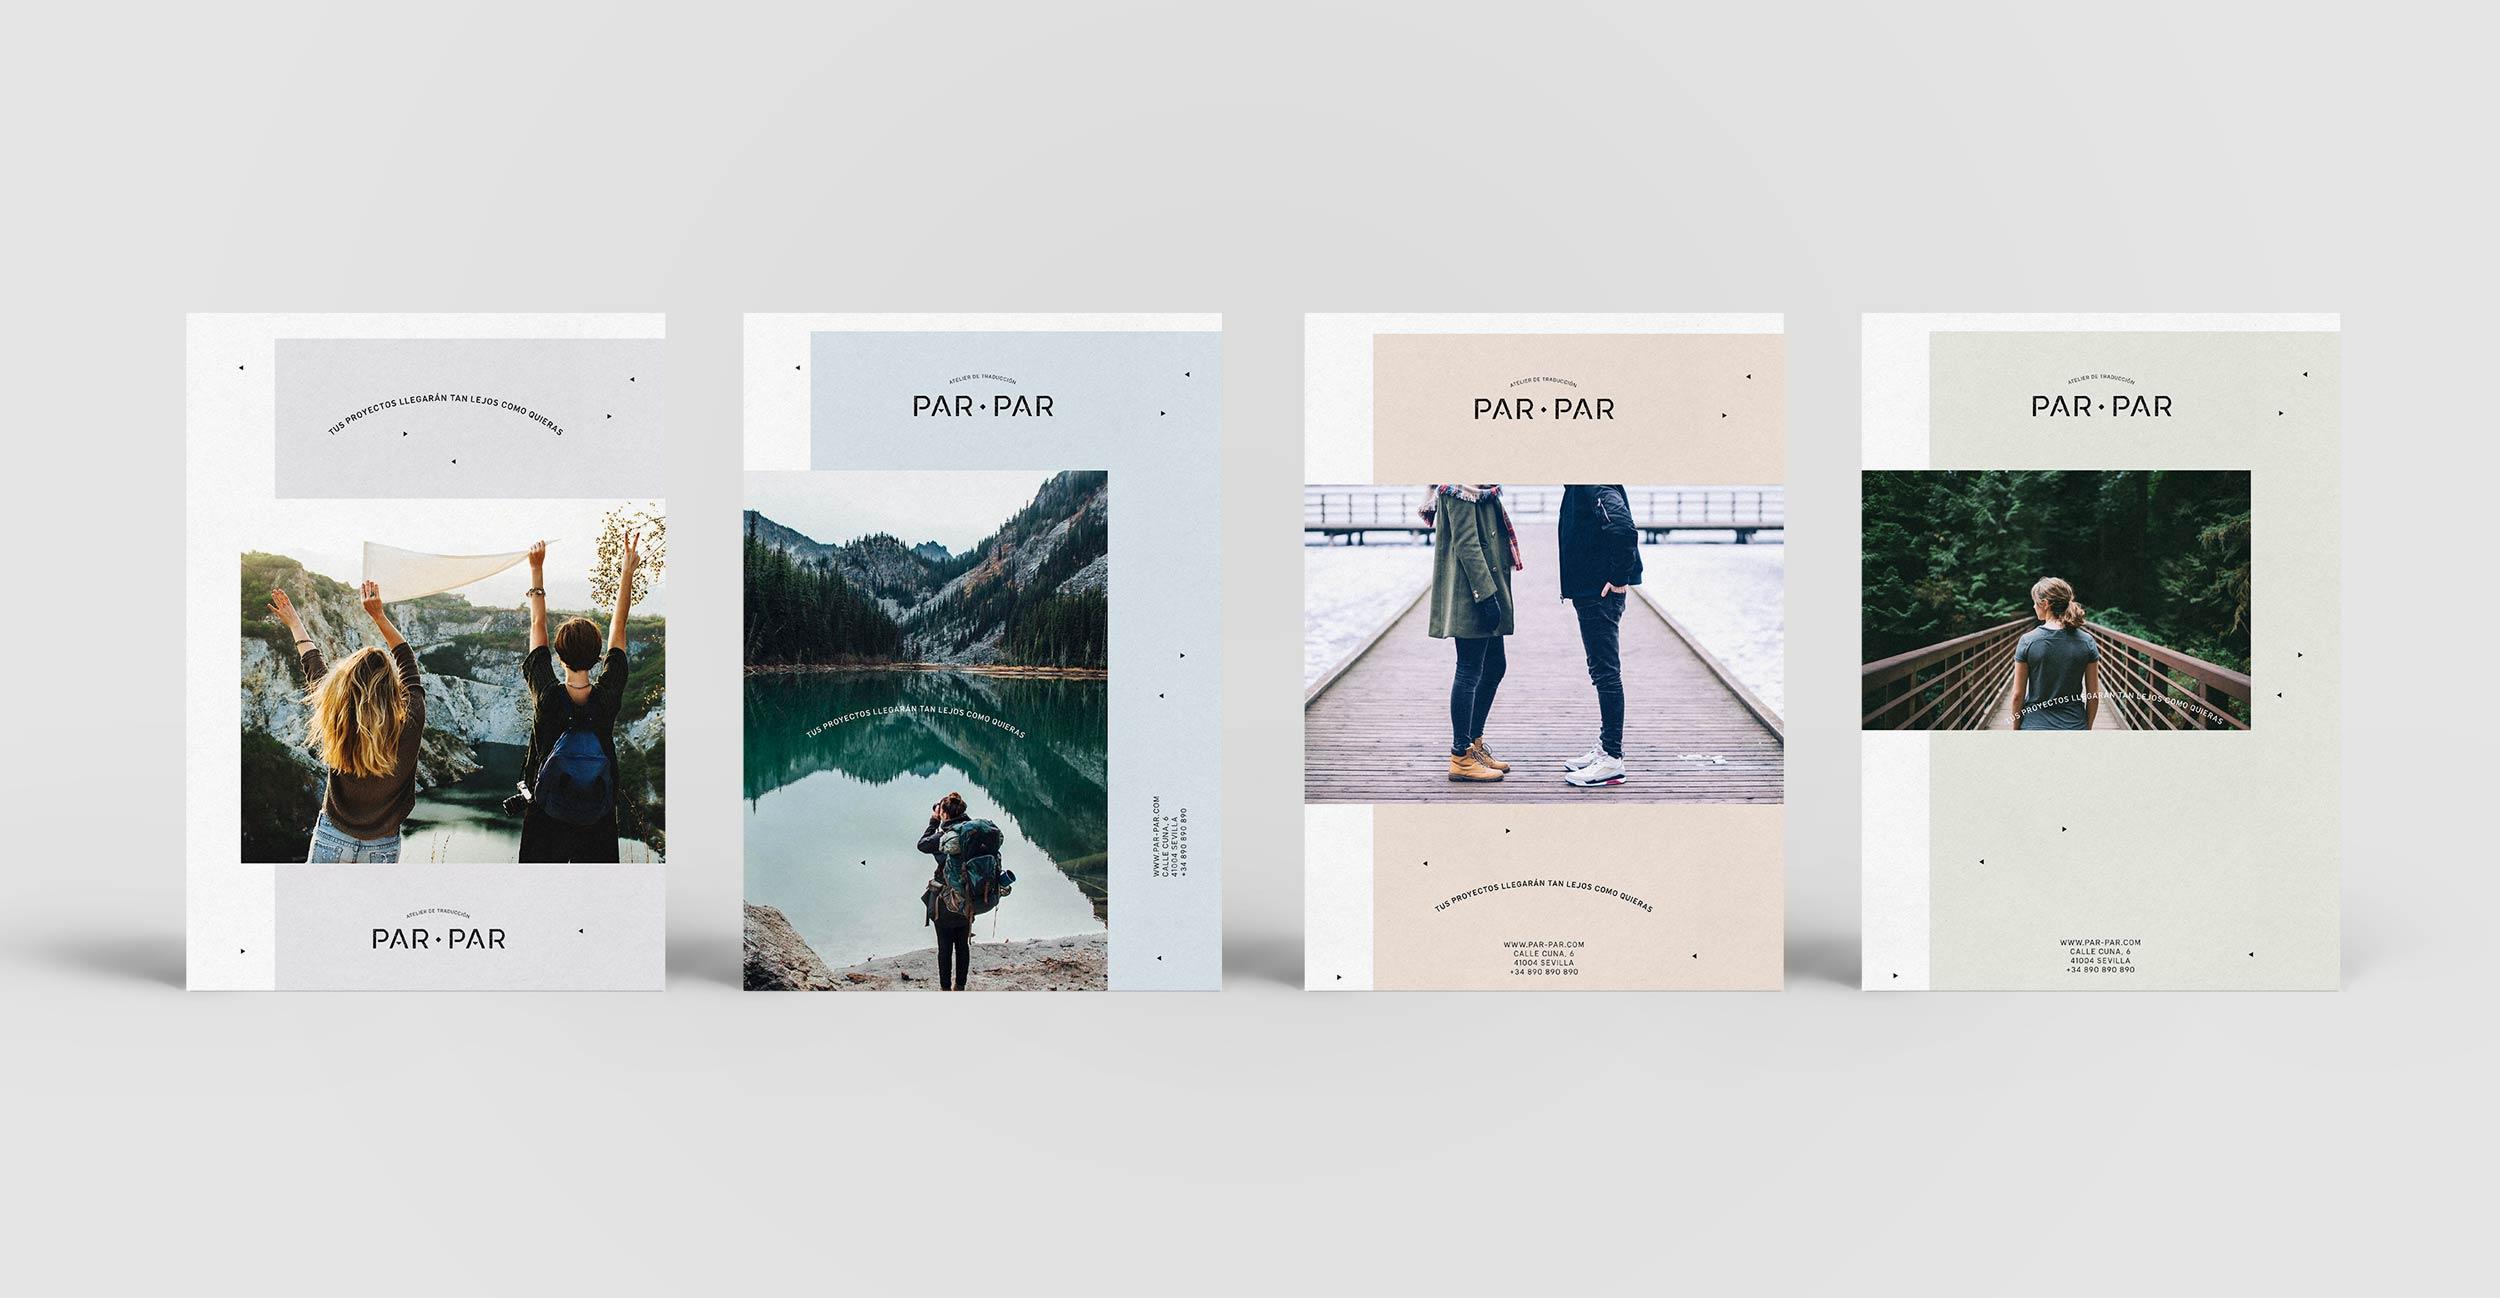 Diseño gráfico de folleto para la identidad corporativa de Par-Par